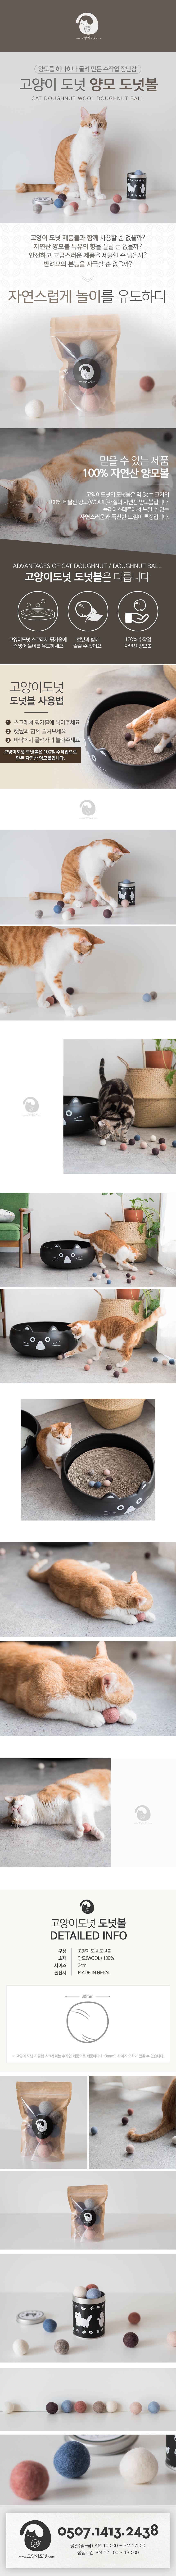 고양이도넛 고양이공 양모도넛볼 6개 - 고양이도넛, 7,200원, 장난감/스크래쳐, 장난감